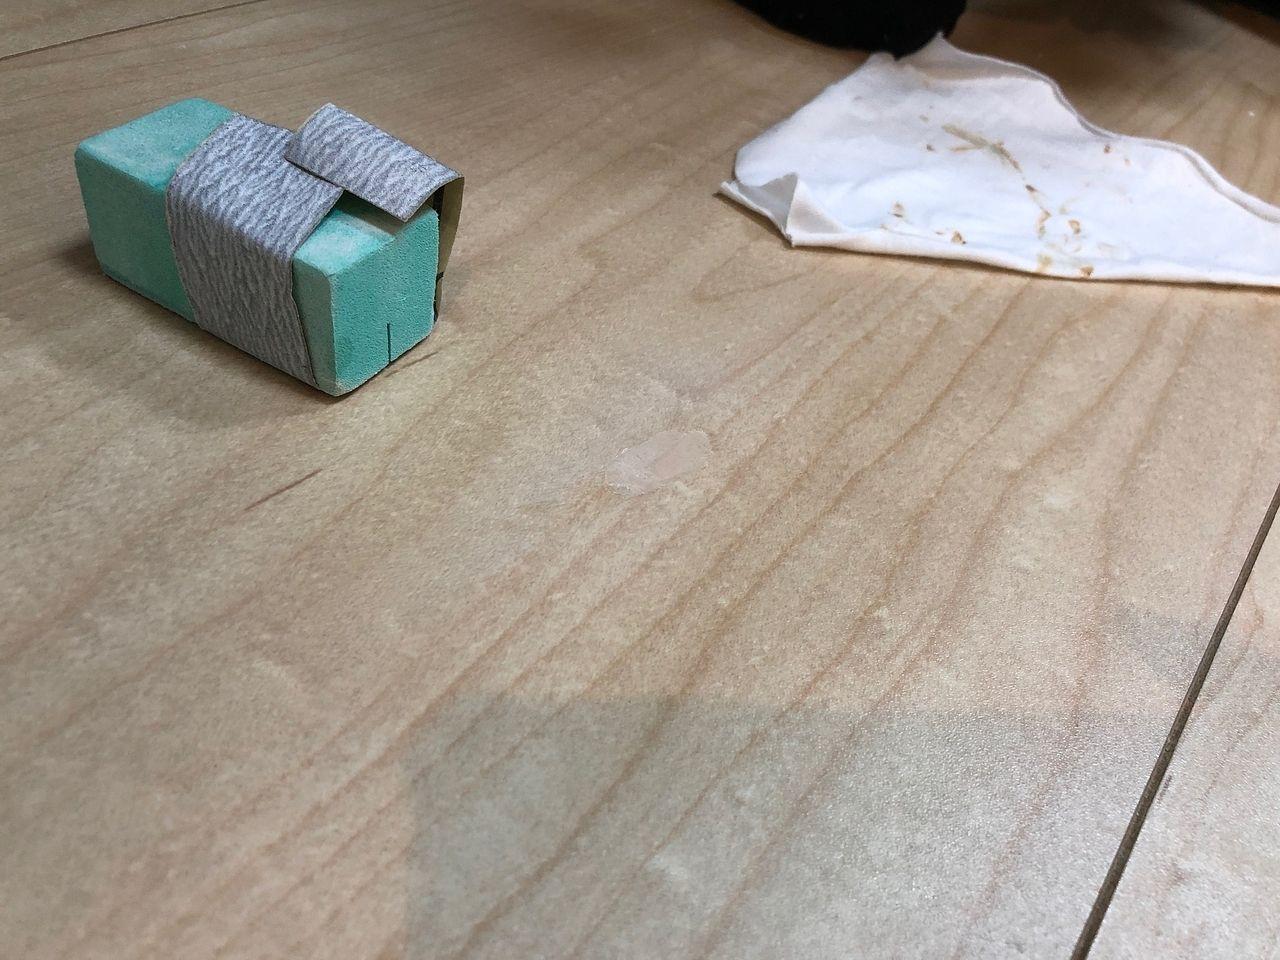 フローリングの補修工事手順 サンドペーパーで削る